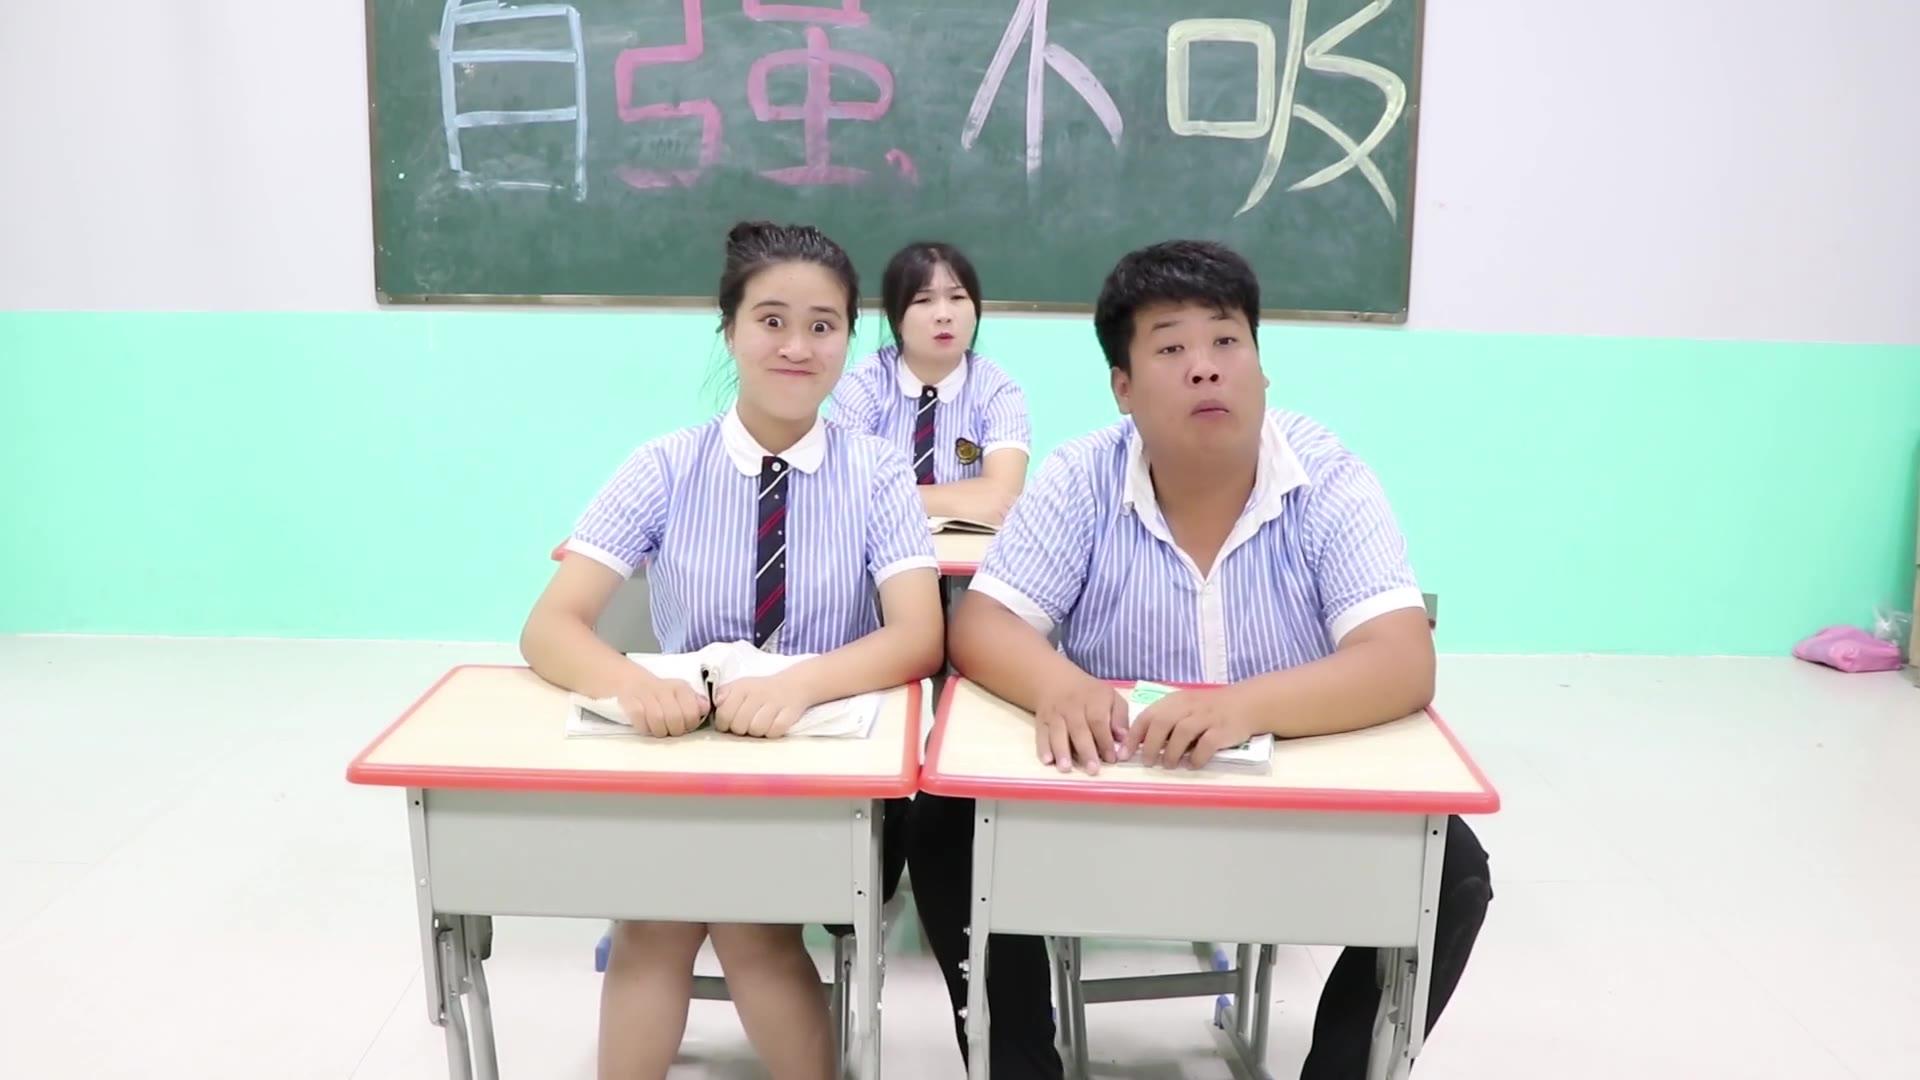 老师考女同学成语接龙,老师被怼的哑口无言,太逗了